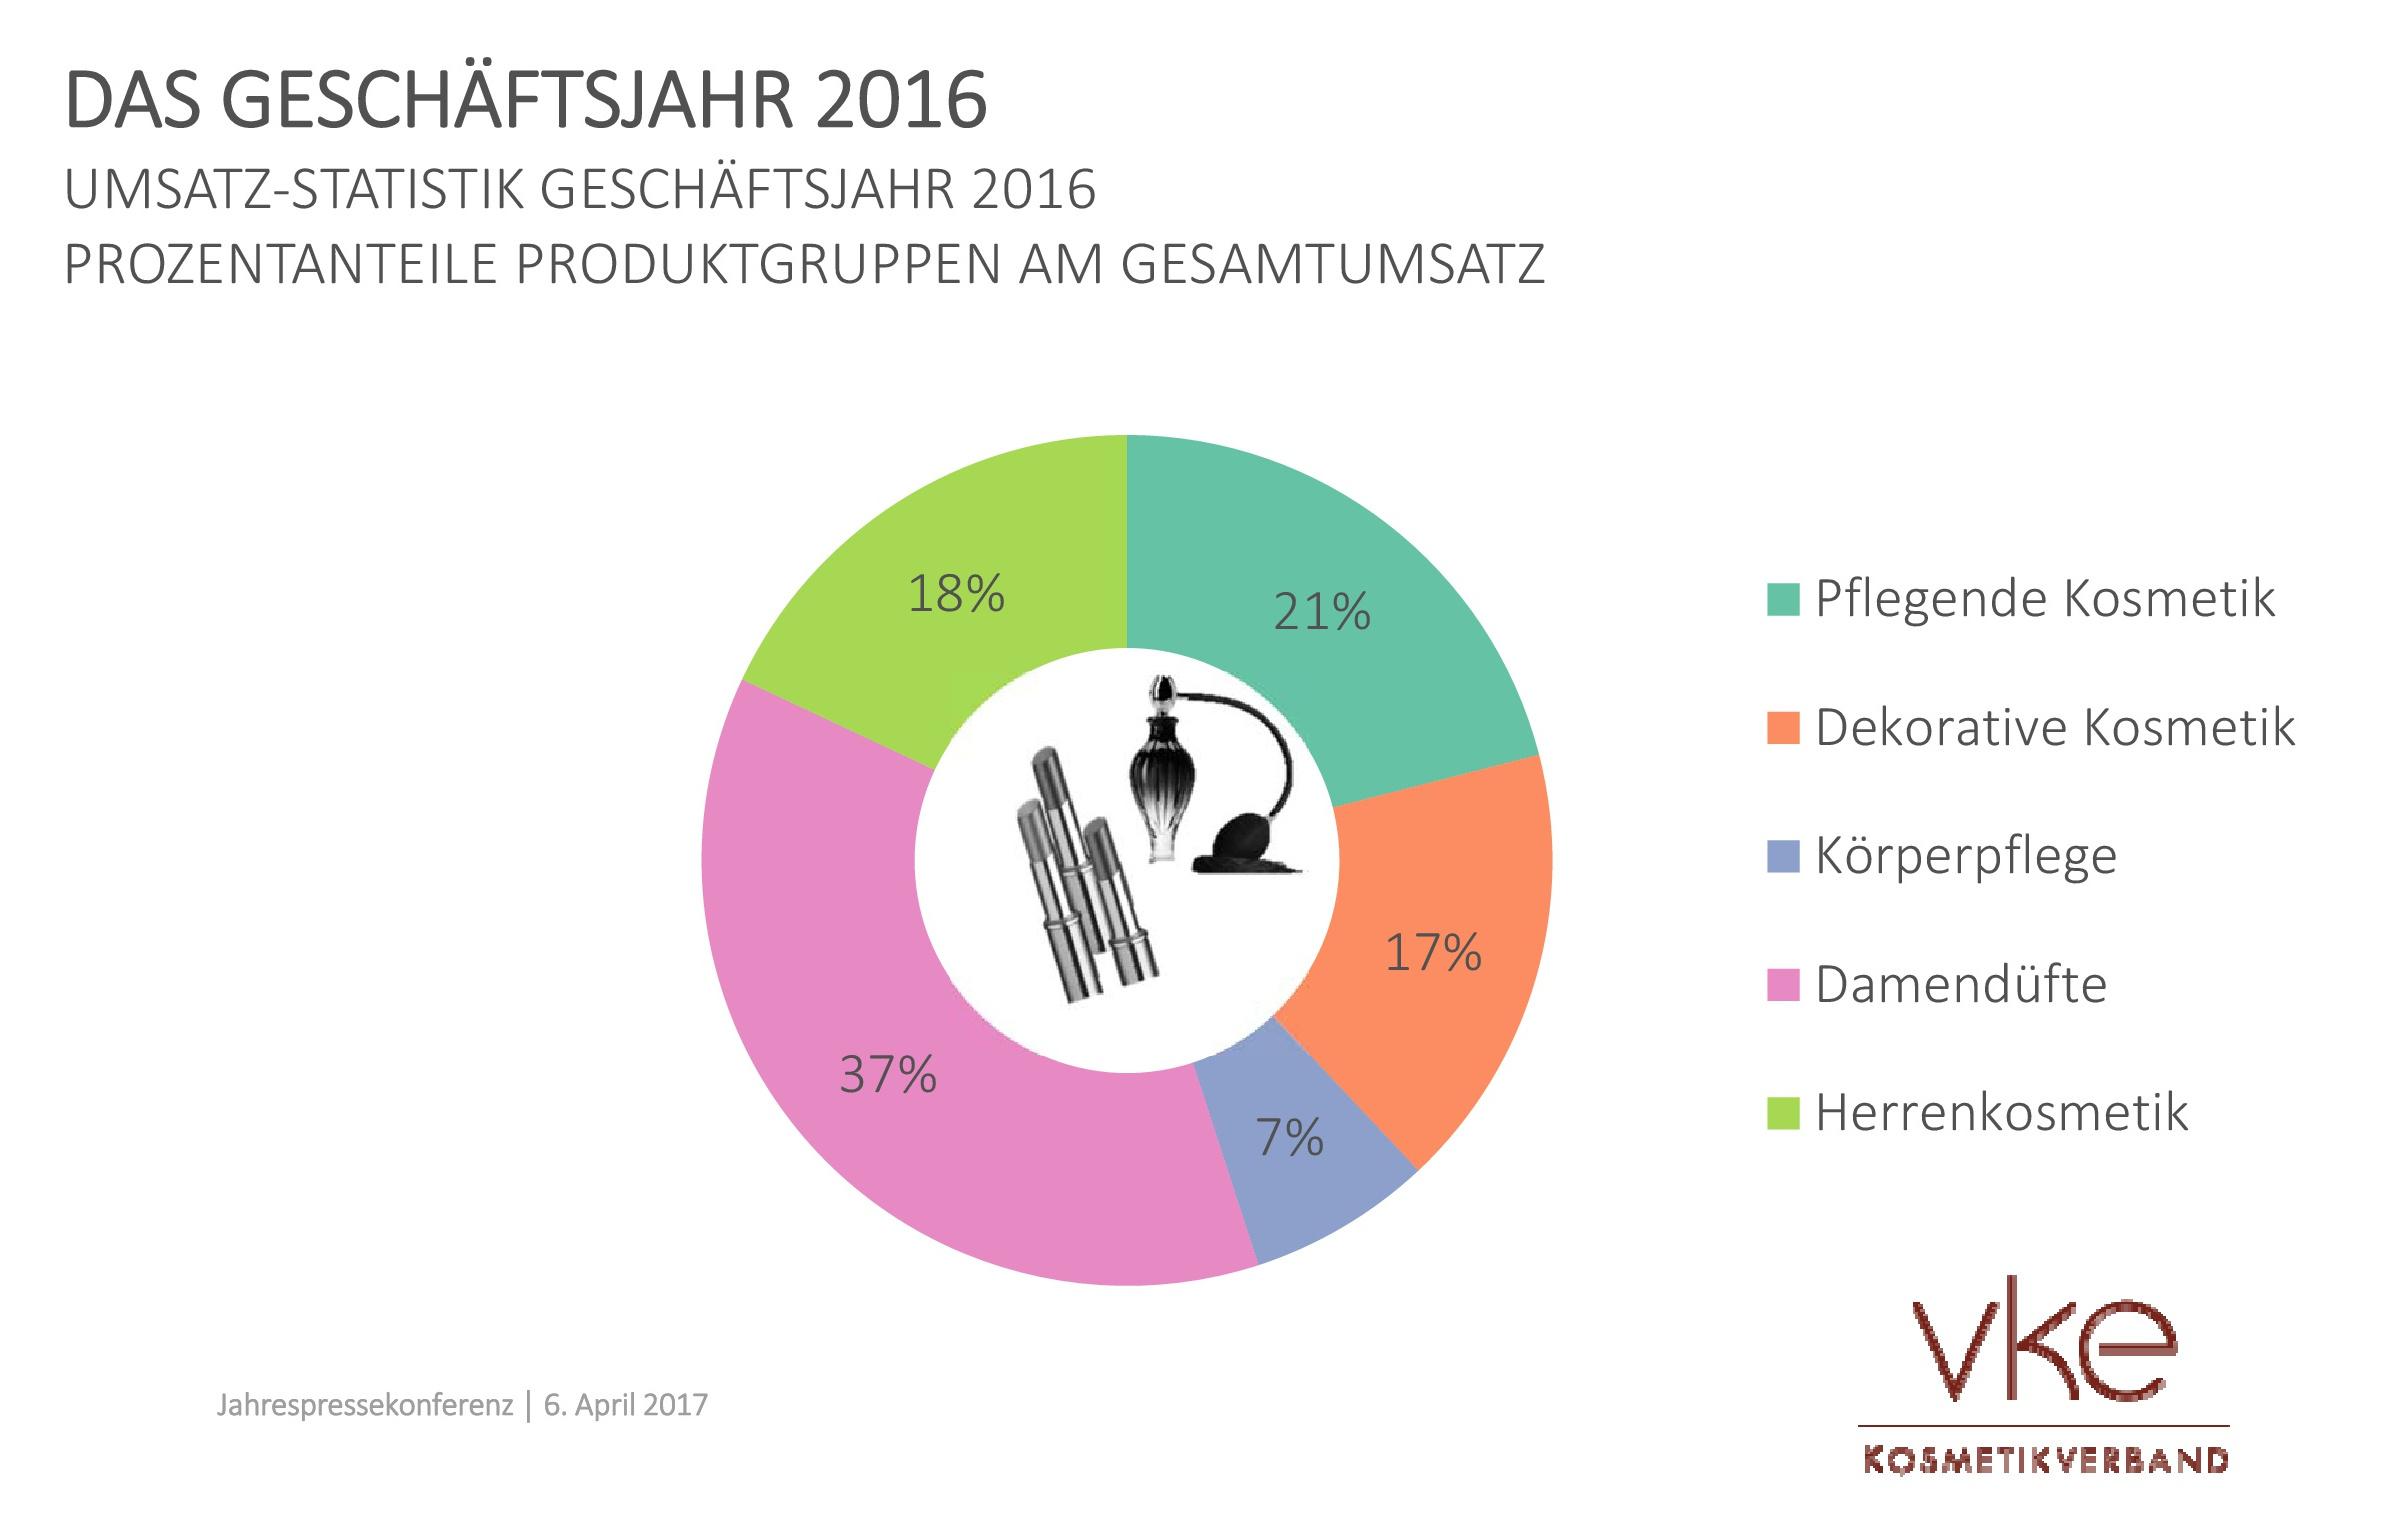 Umsatze 2016 Und Erwartungen Fur 2017 Der Prestigekosmetik